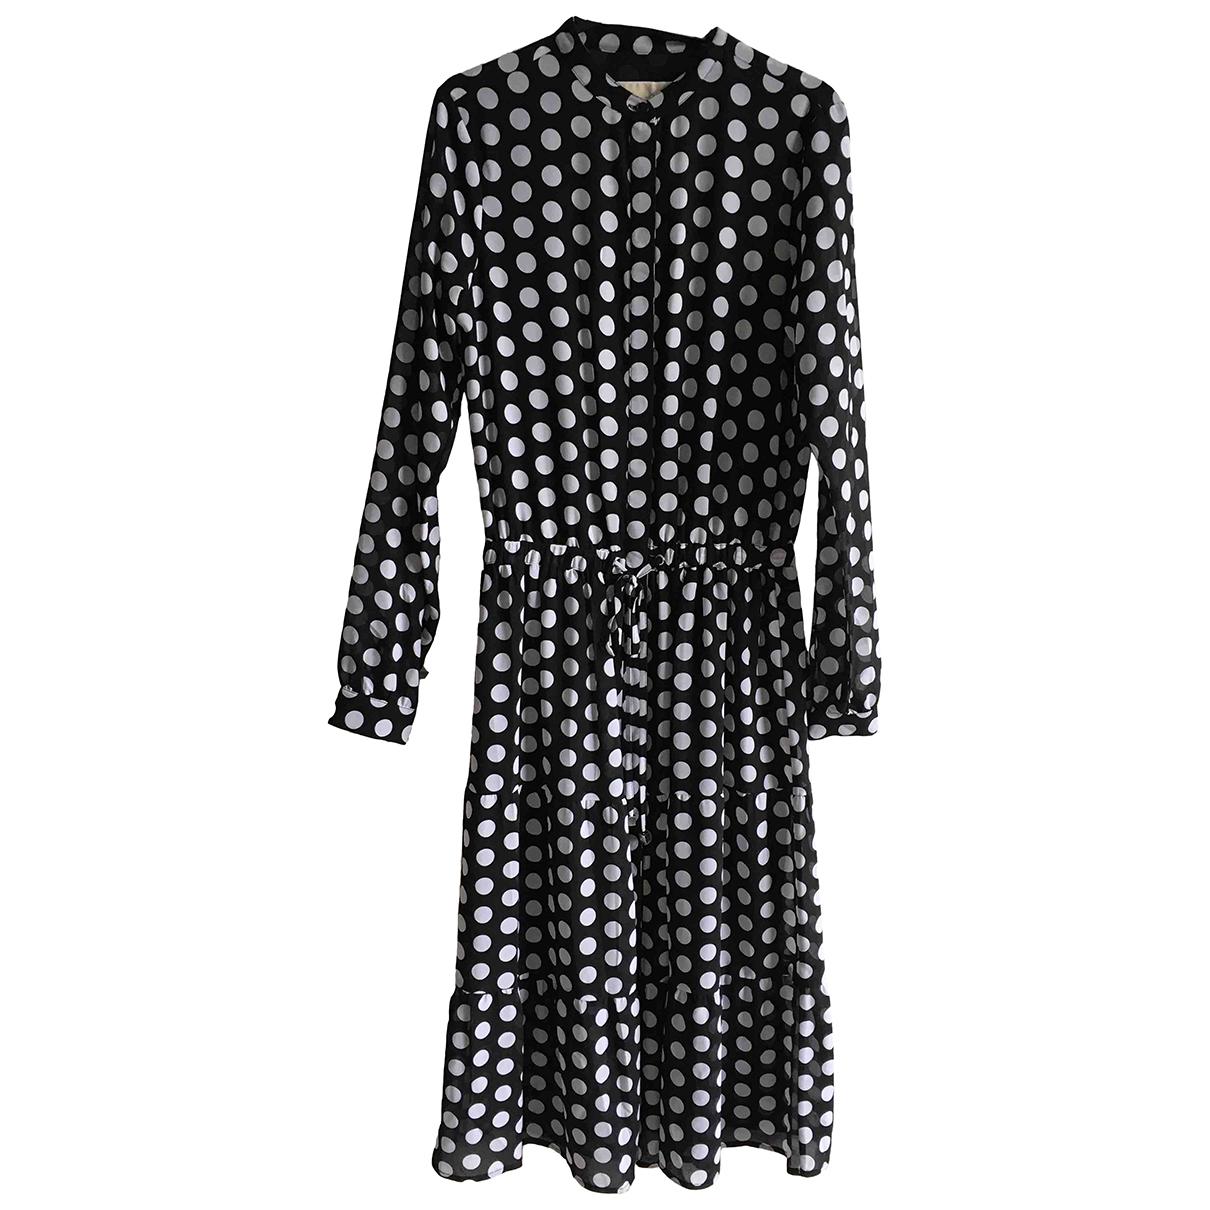 Michael Kors \N Black dress for Women 34 FR